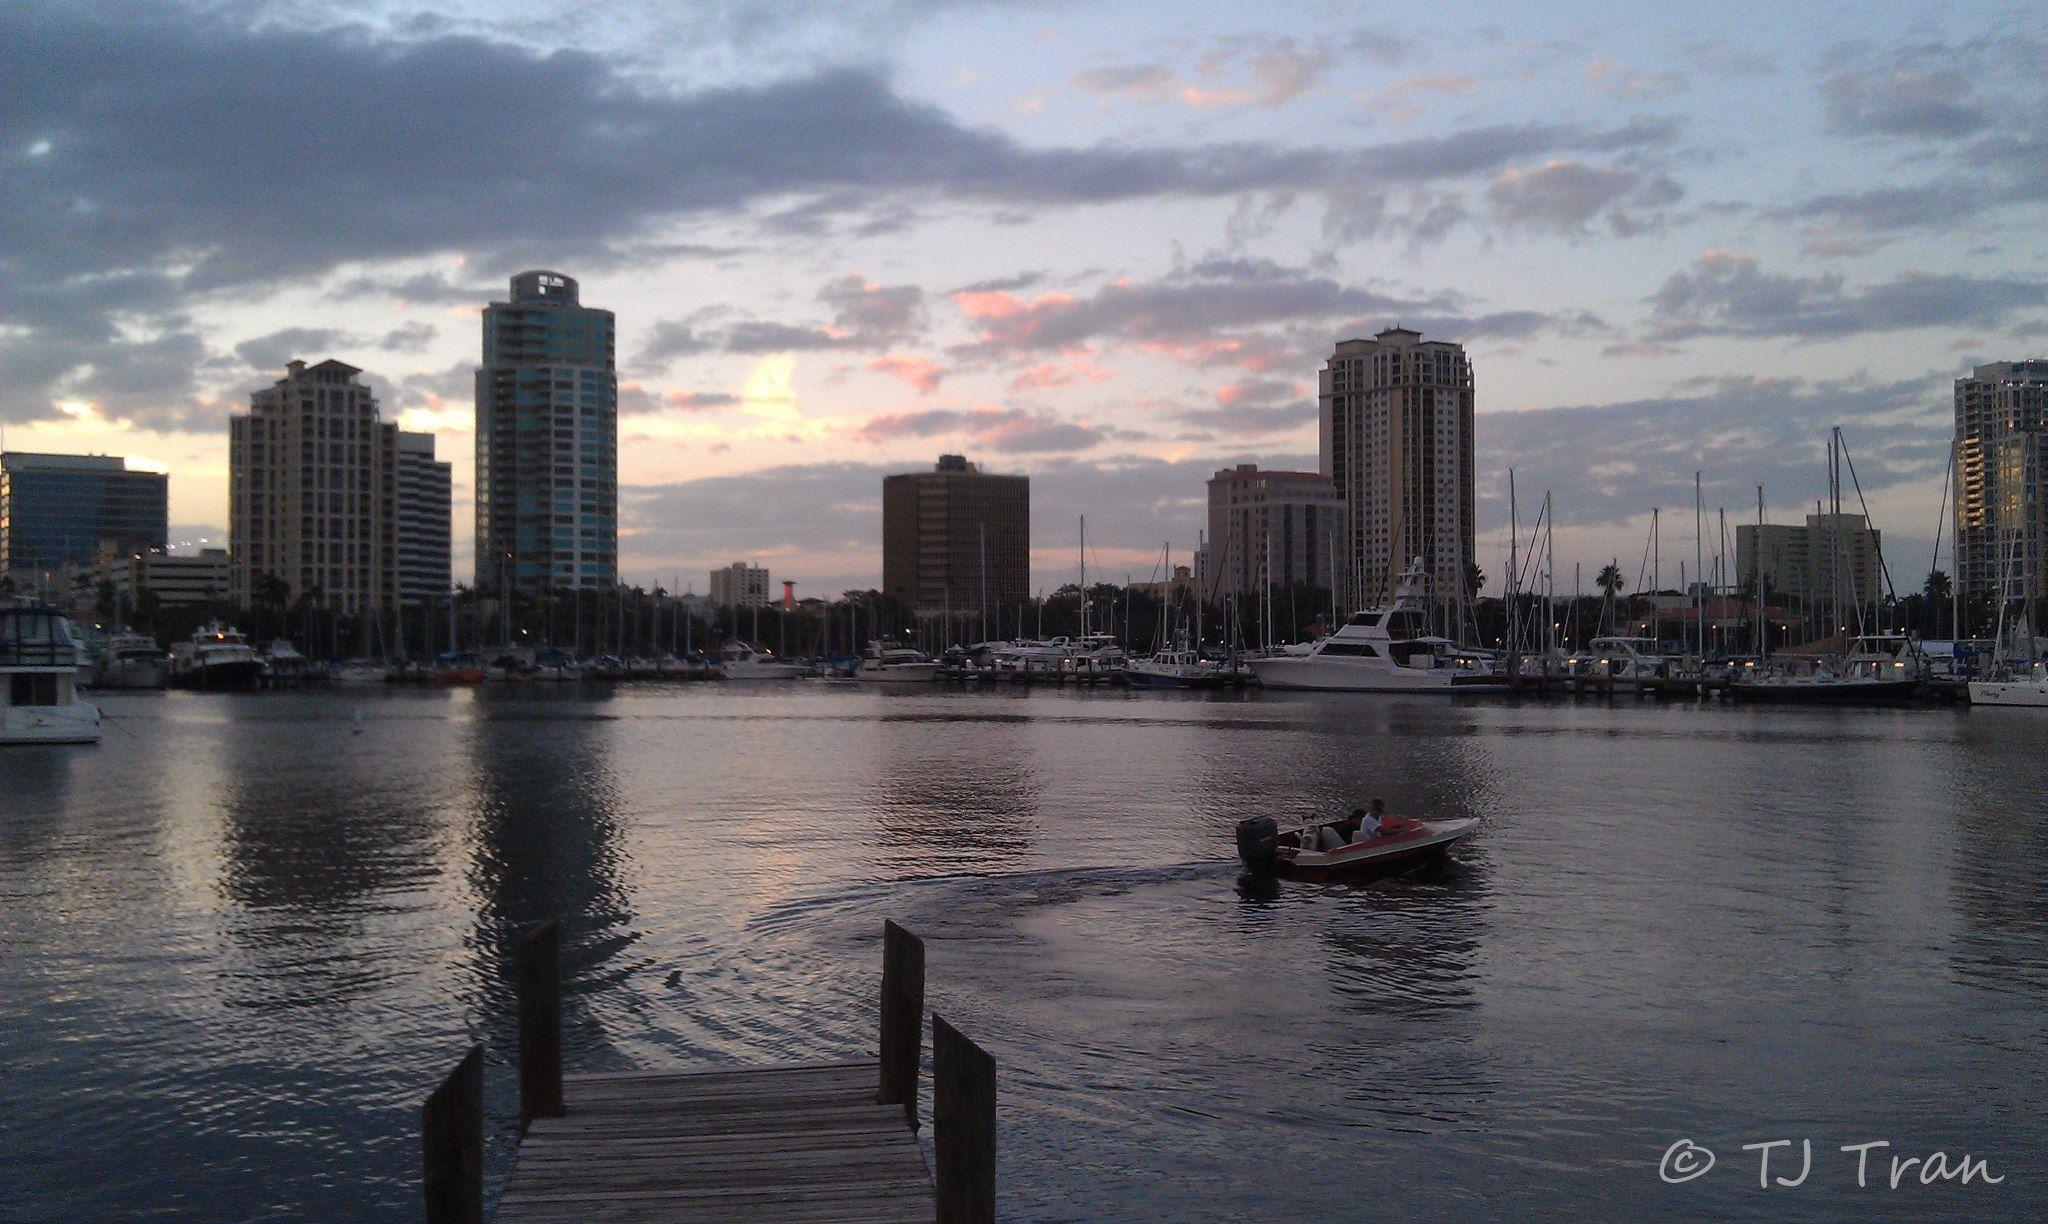 St Petersburg Marina, FL